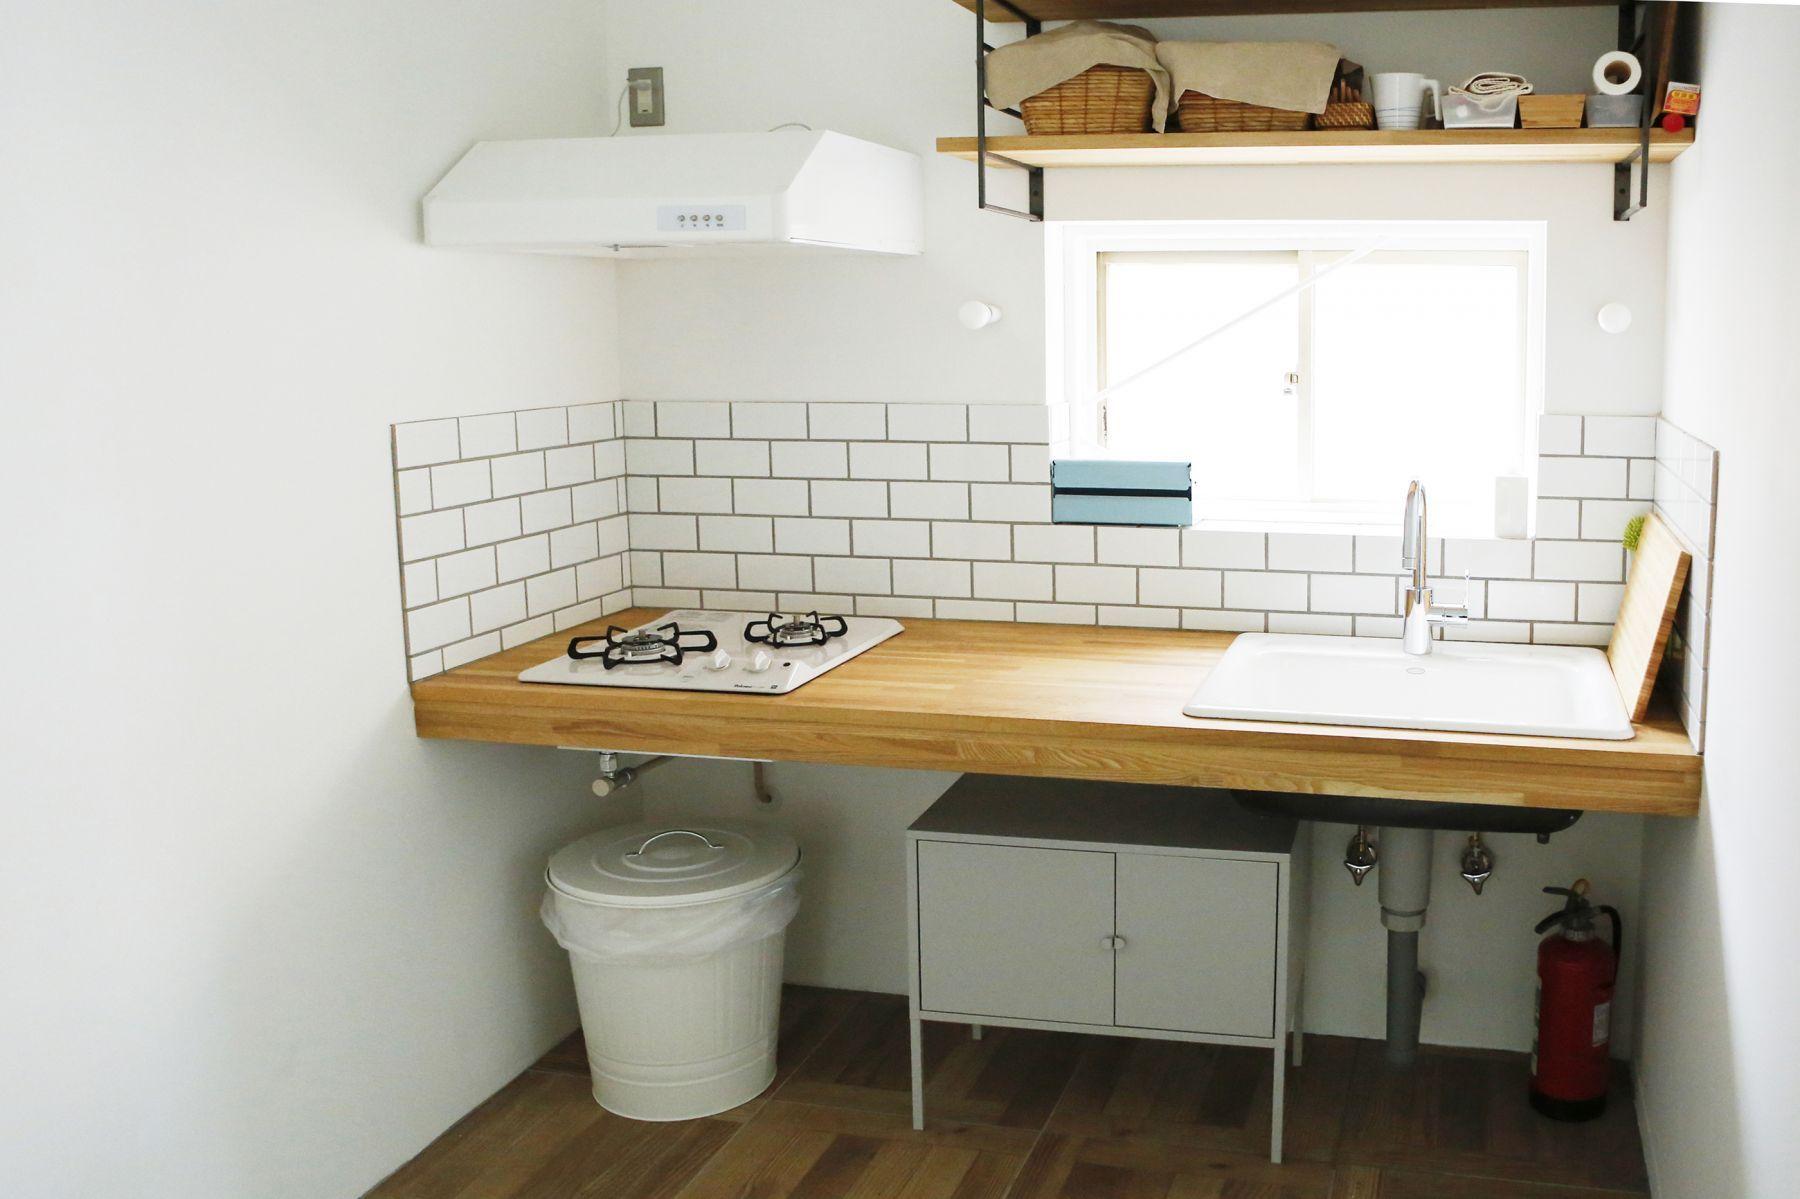 studio ConTRail (スタジオ コントレイル)キッチン 自然光撮影も可能